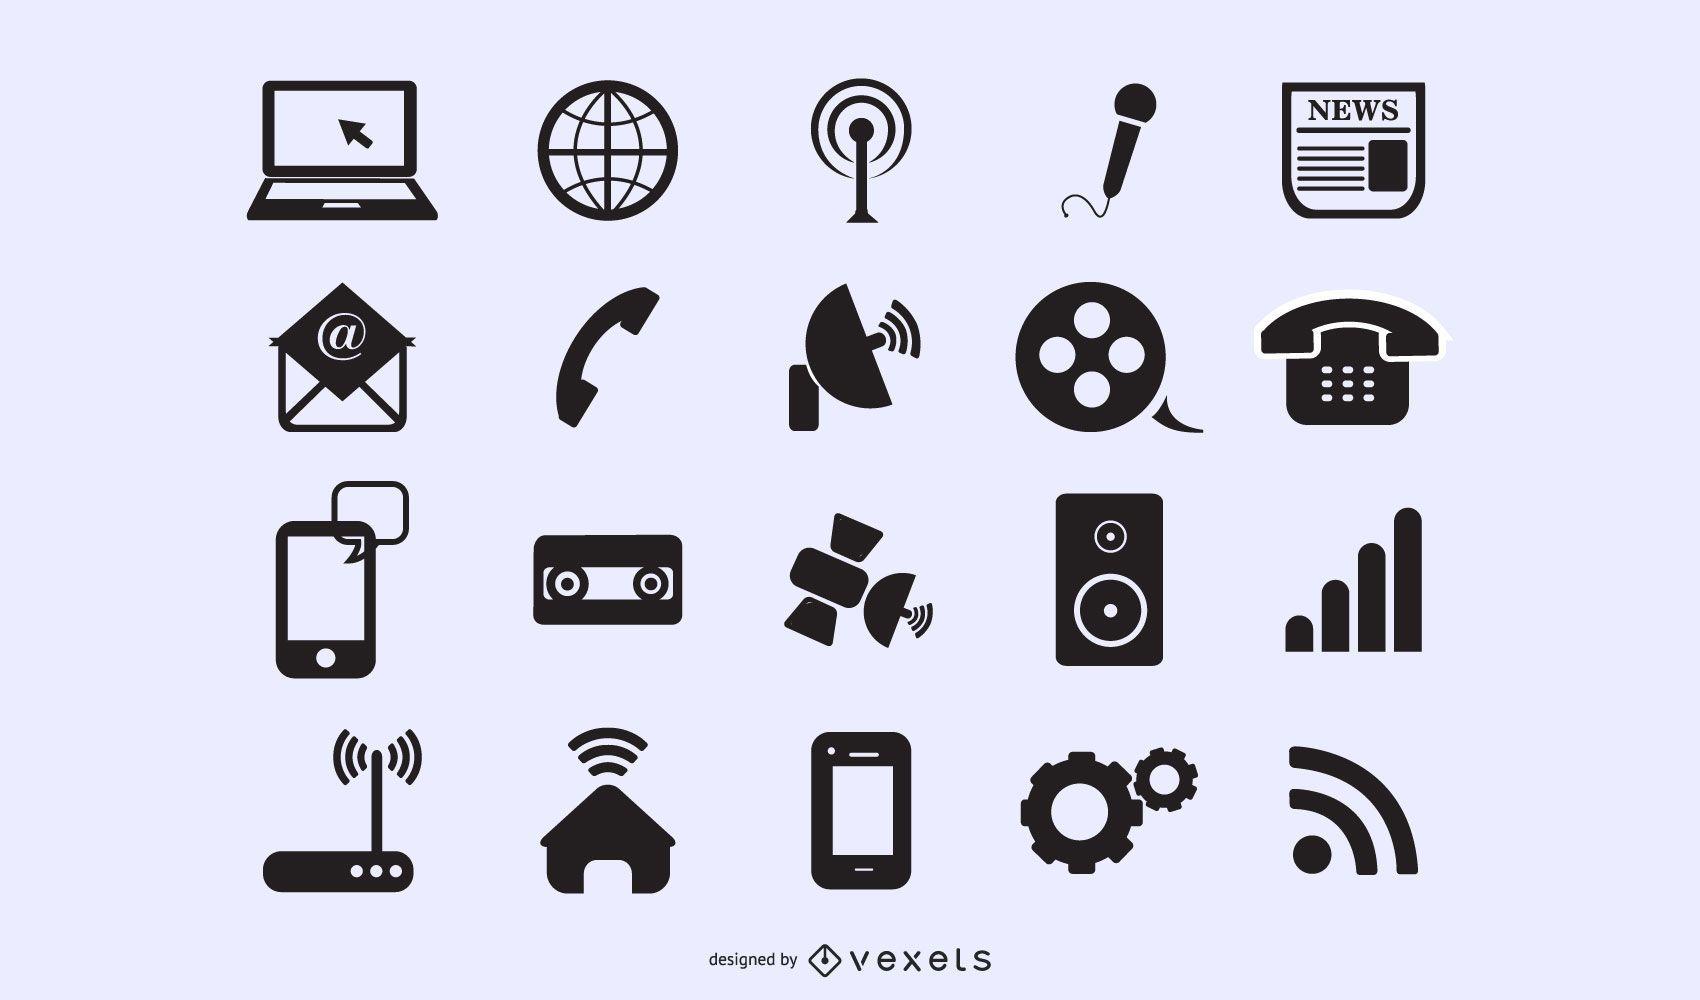 Iconos planos y modernos de aplicaciones y web